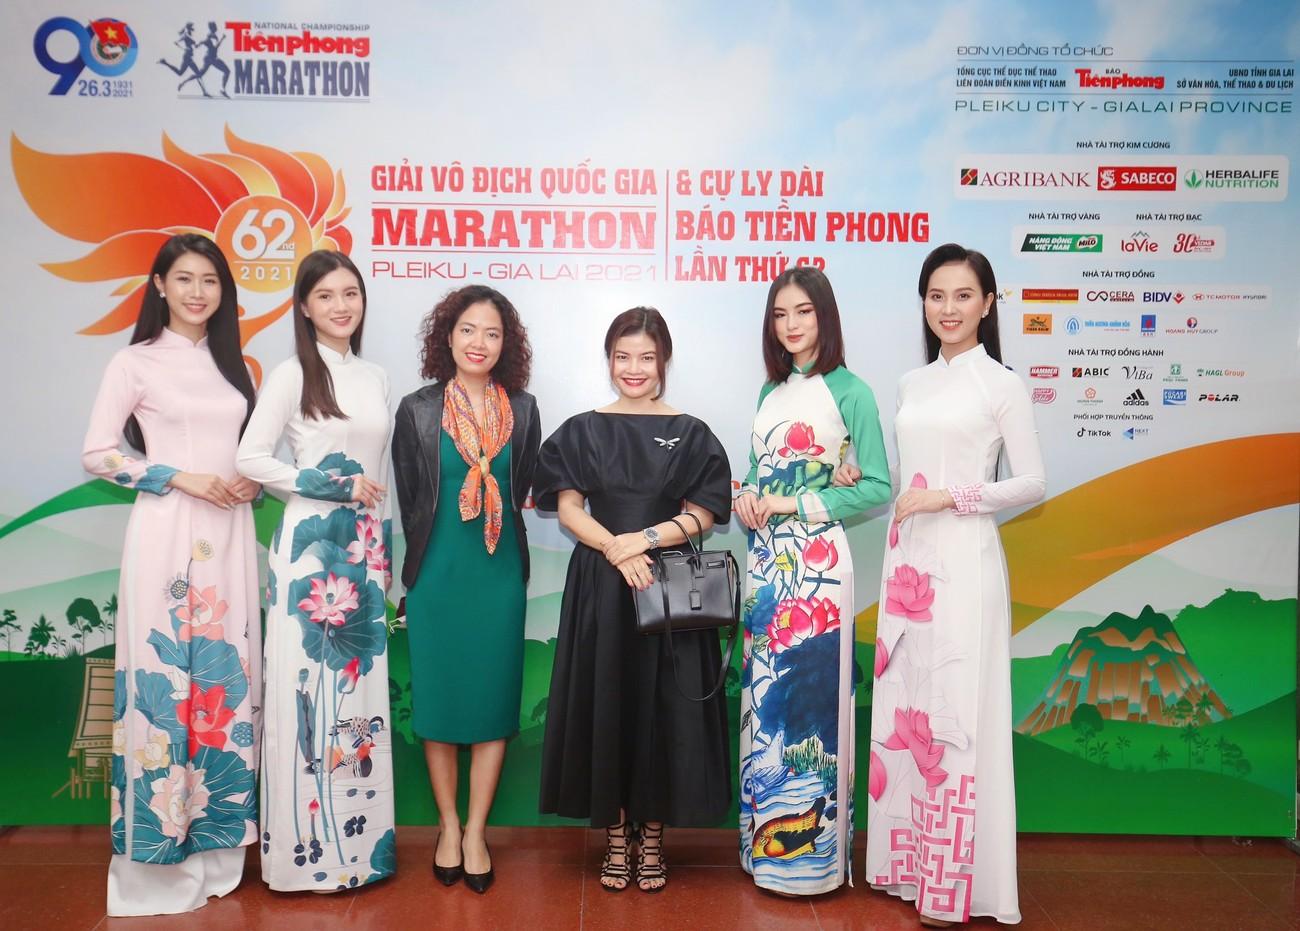 Dàn Hoa, Á hậu đọ sắc xinh đẹp tại họp báo Tiền Phong Marathon 2021 ảnh 15